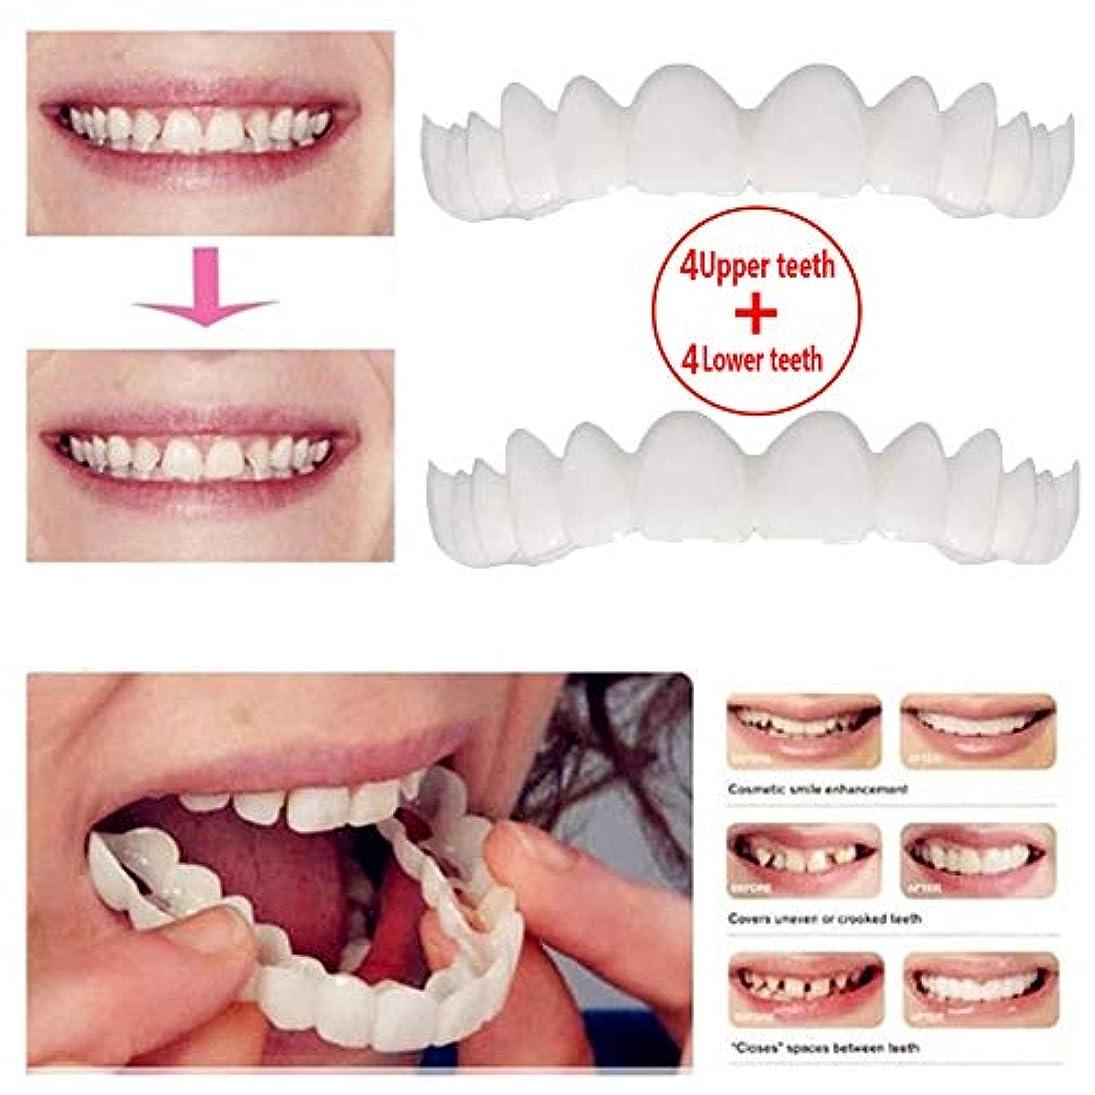 ジャムマーティンルーサーキングジュニアダイジェスト上歯4本+下歯4本、化粧歯、仮歯ベニアブレース